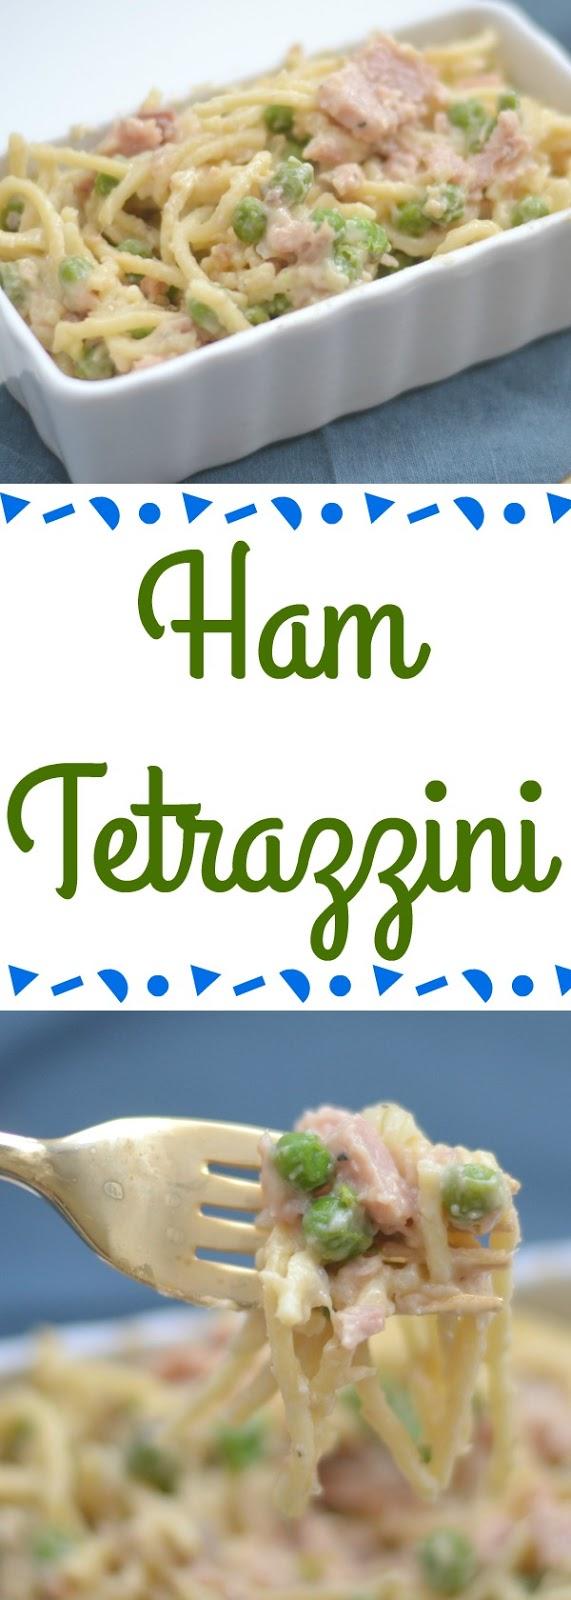 Ham Tetrazzini, Ham Tetrazzini recipe, easy Ham Tetrazzini recipe, recipe using leftover ham, leftover ham, recipe using ham, pasta recipe, one skillet meal, one pot meal, easy dinner recipes, dinner recipes with peas